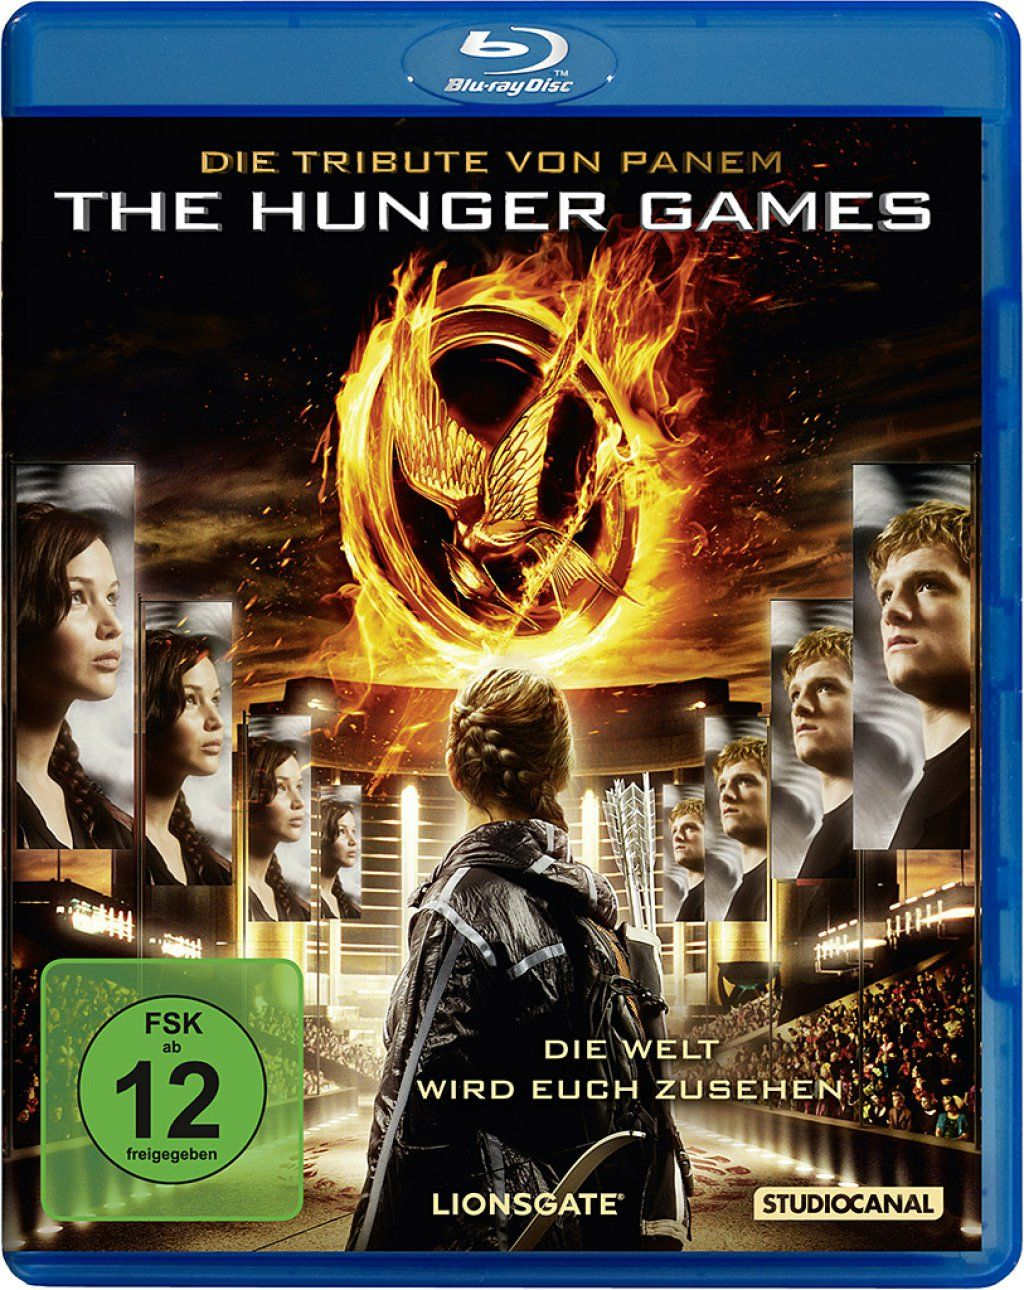 Tribute von Panem, Die - The Hunger Games (BLURAY)